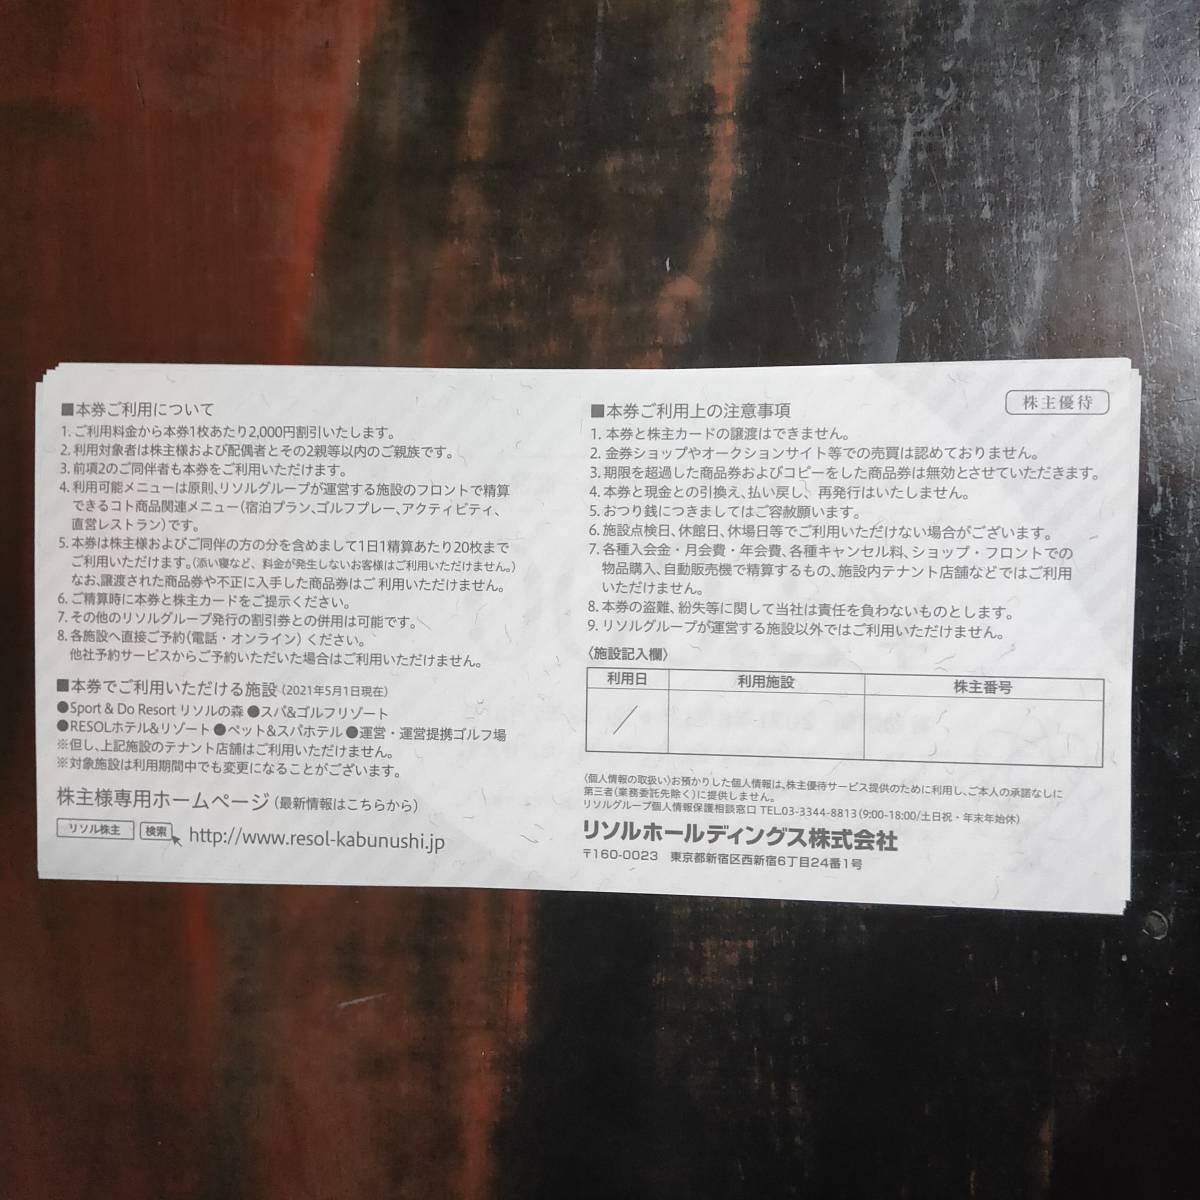 リソルホールディングス 株主優待券 20000円分 有効期限2022/7/31 RESOLファミリー商品券_画像2